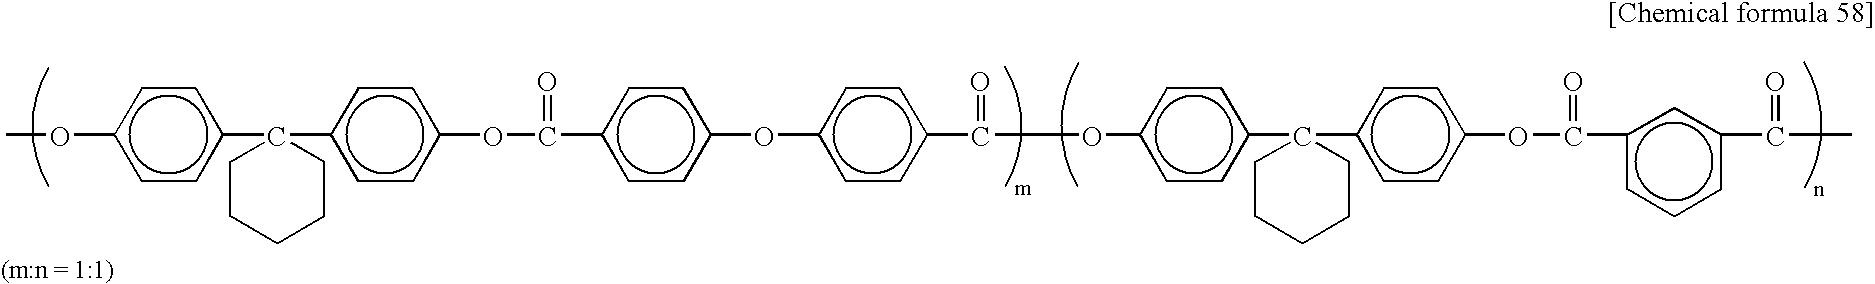 Figure US07604913-20091020-C00050